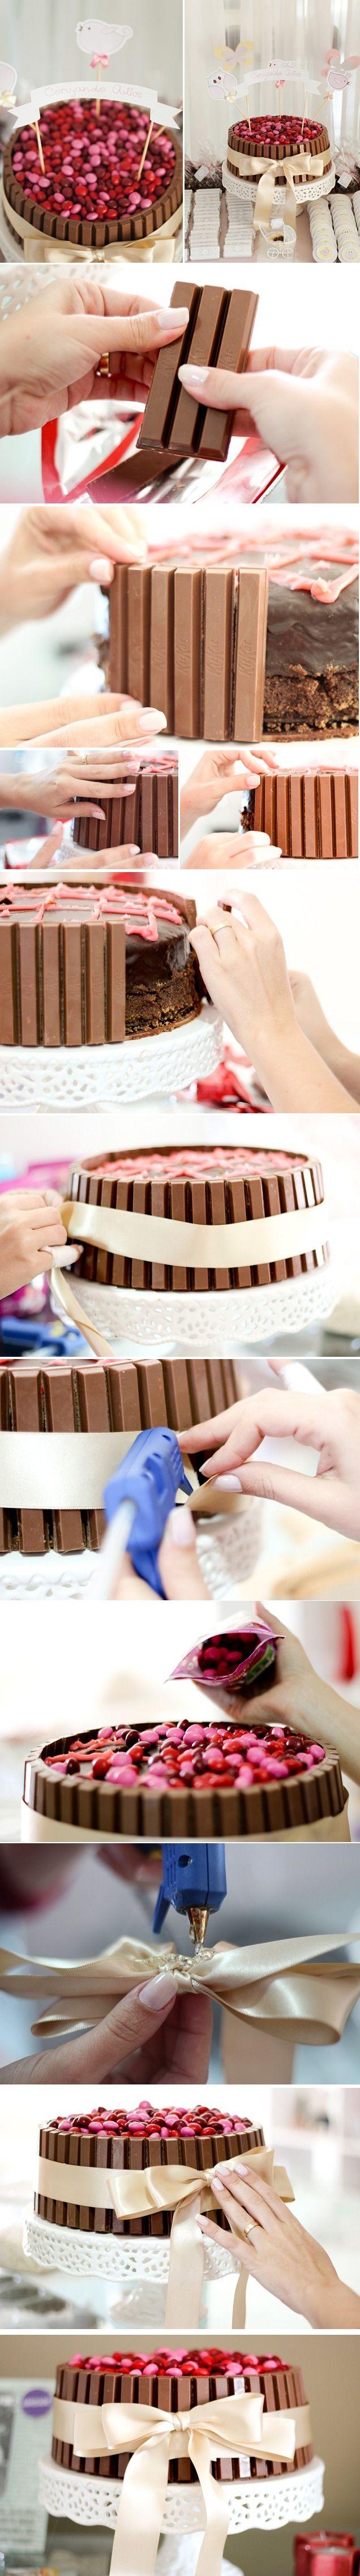 DIY Bolo KitKat e M&Ms. DIY detalhado aqui: http://blog.tuty.com.br/2013/01/dica-diy-bolo-de-kitkat.html